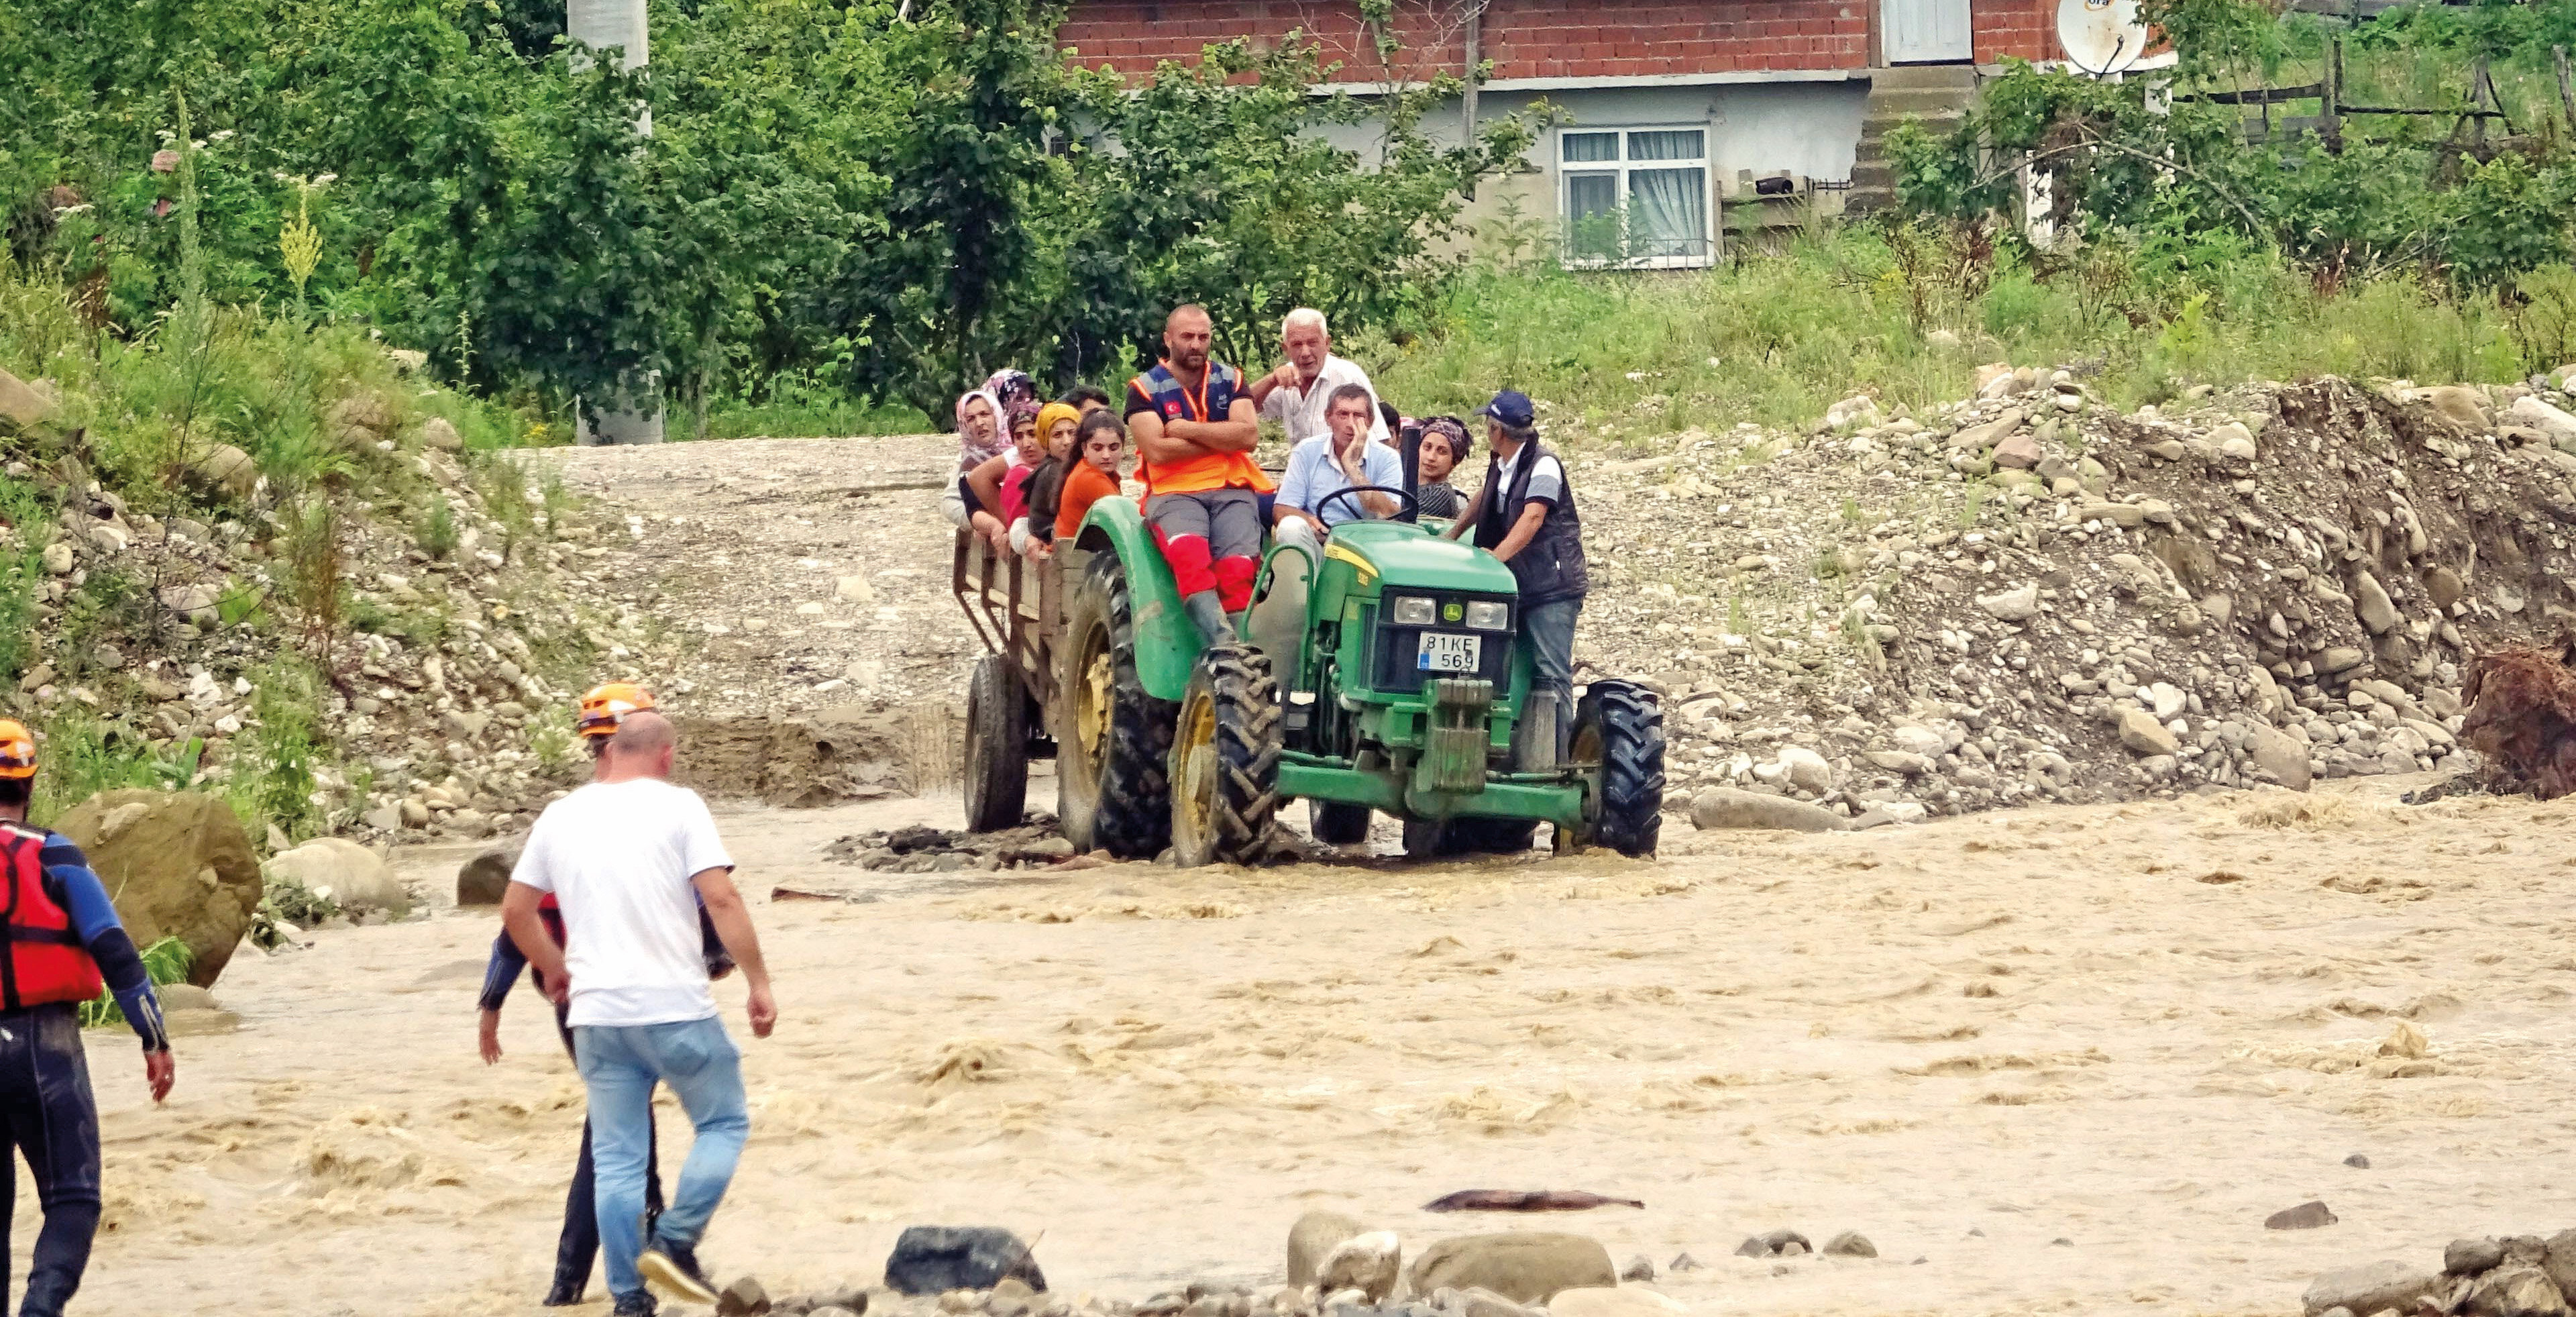 Düzce'nin Akçakoca ilçesine bağlı Esmahanım köyünde sel nedeniyle mahsur kalan vatandaşlar kurtarıldı.